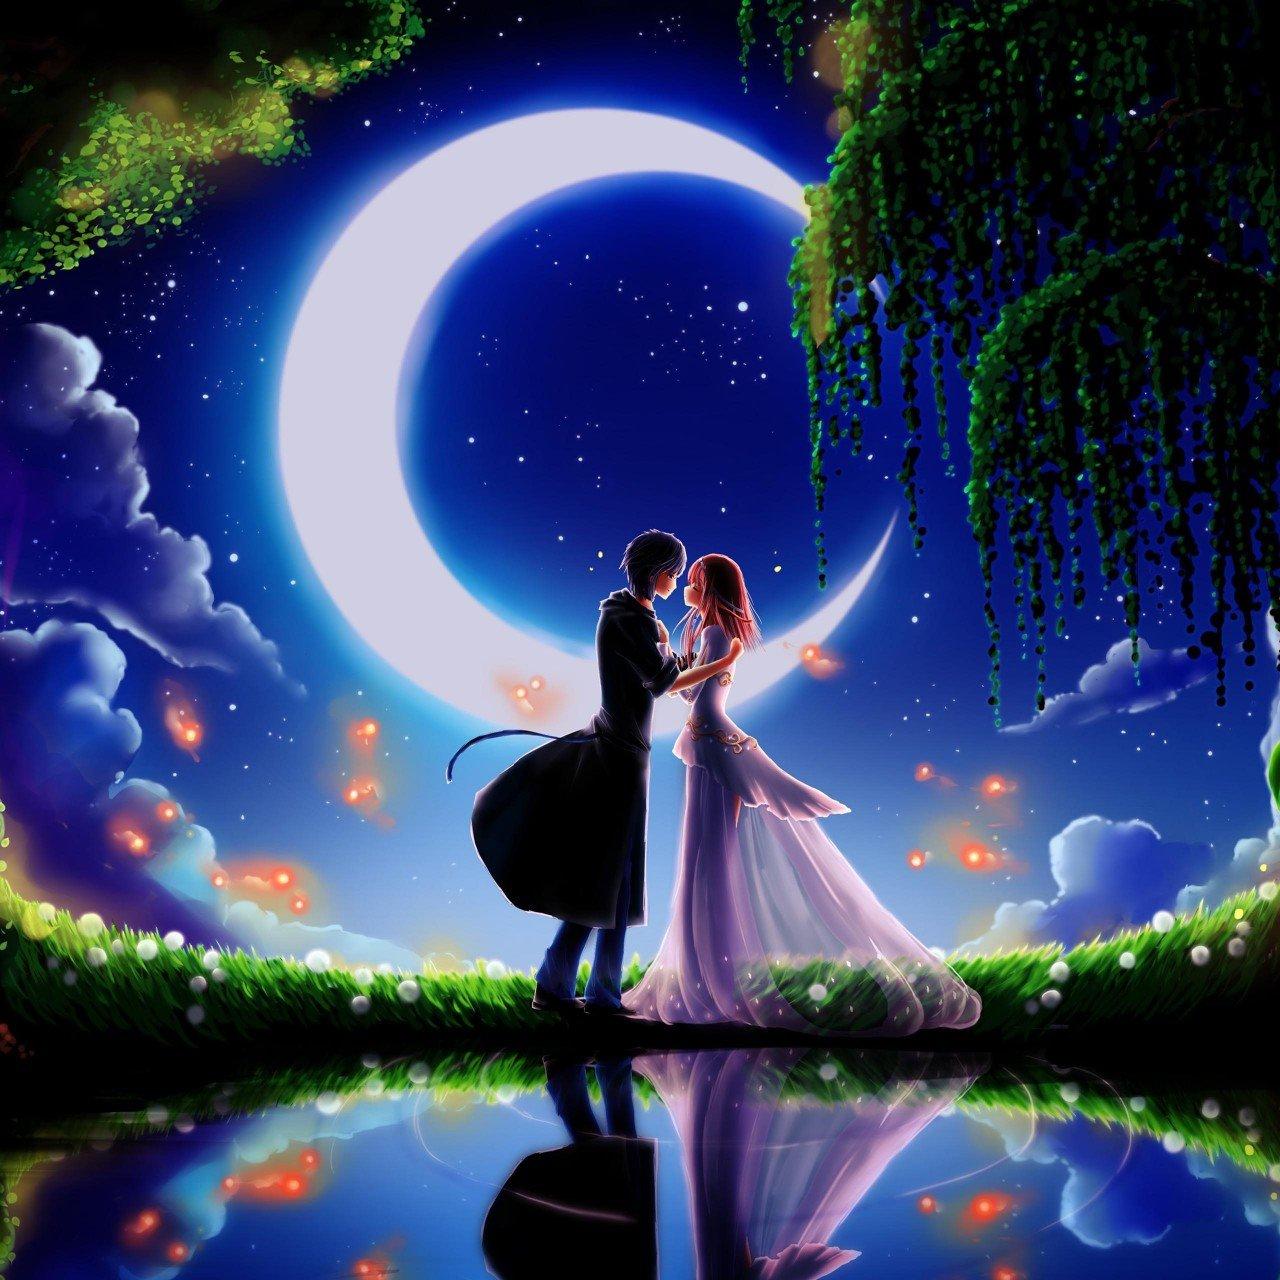 Beautiful love wallpaper hd wallpapersafari - Love f wallpaper hd download ...